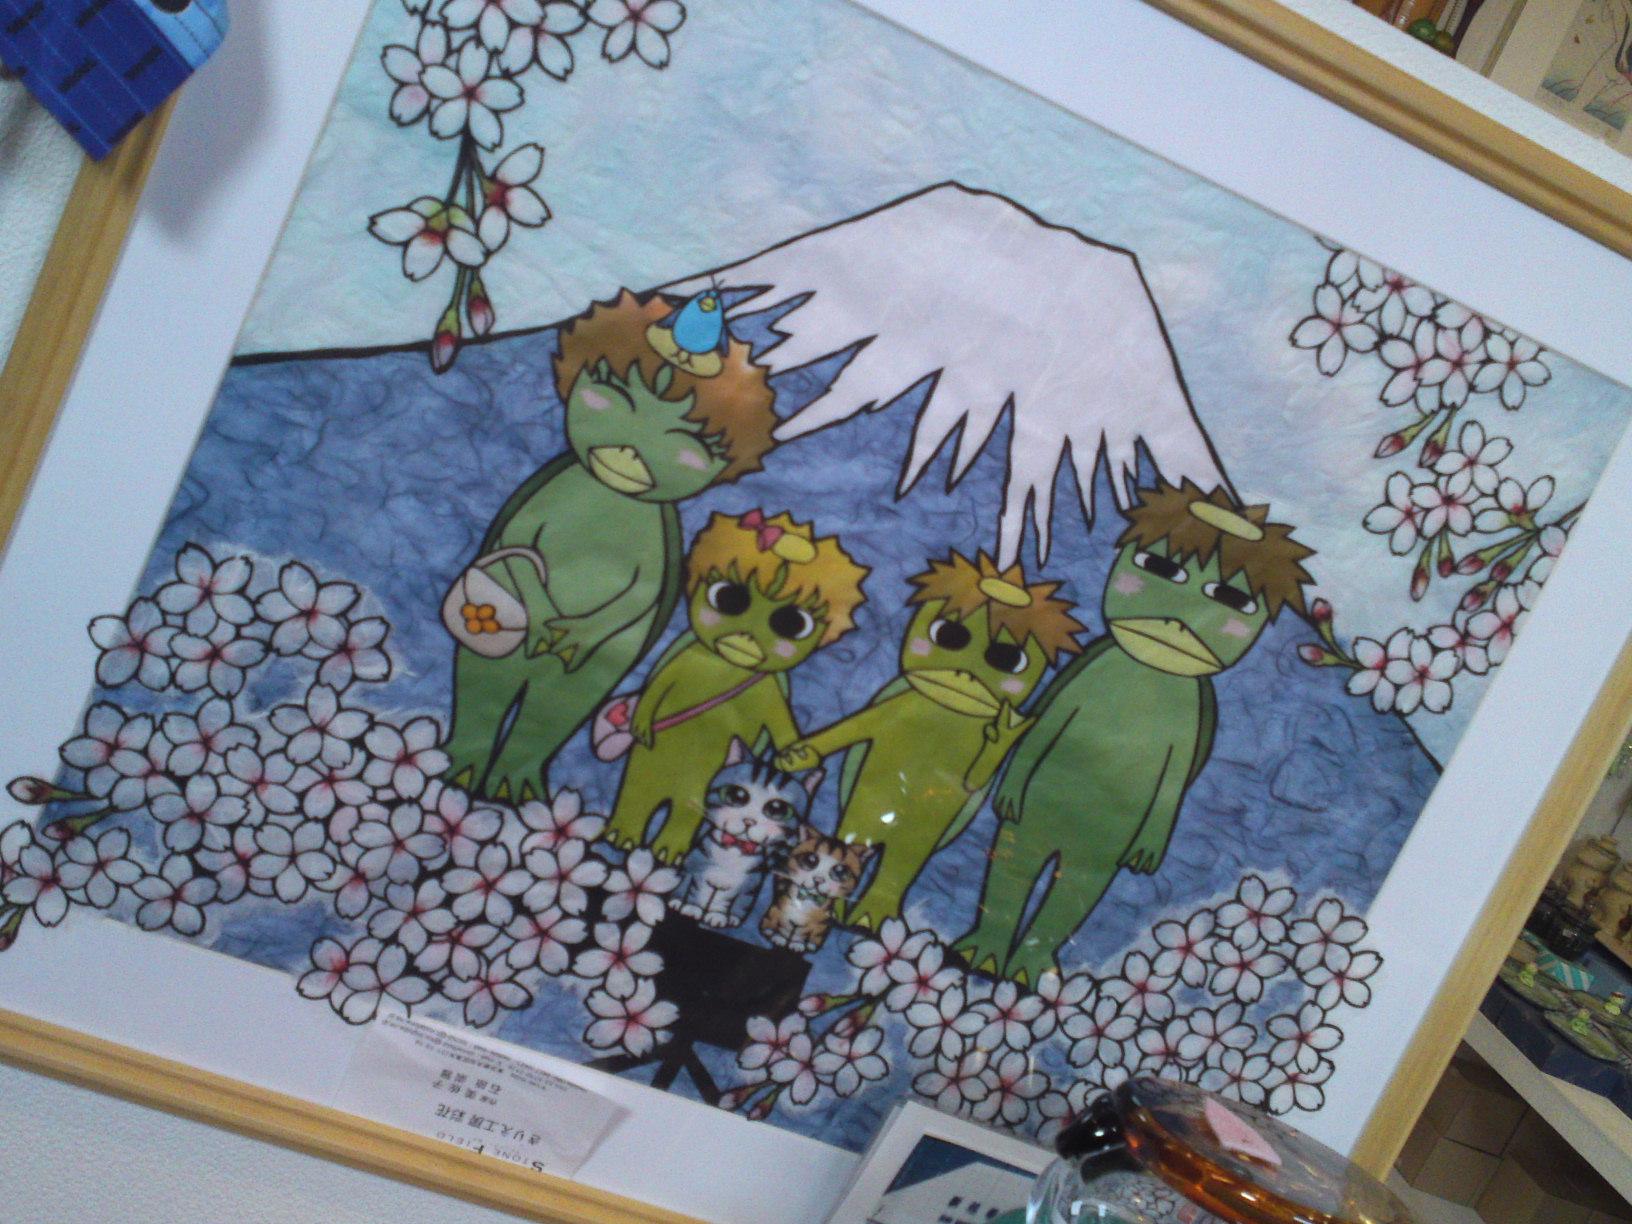 Collection de Kappa au Musée de Kappa de Tach-chan's dans la Ville de Yaizu en dessin